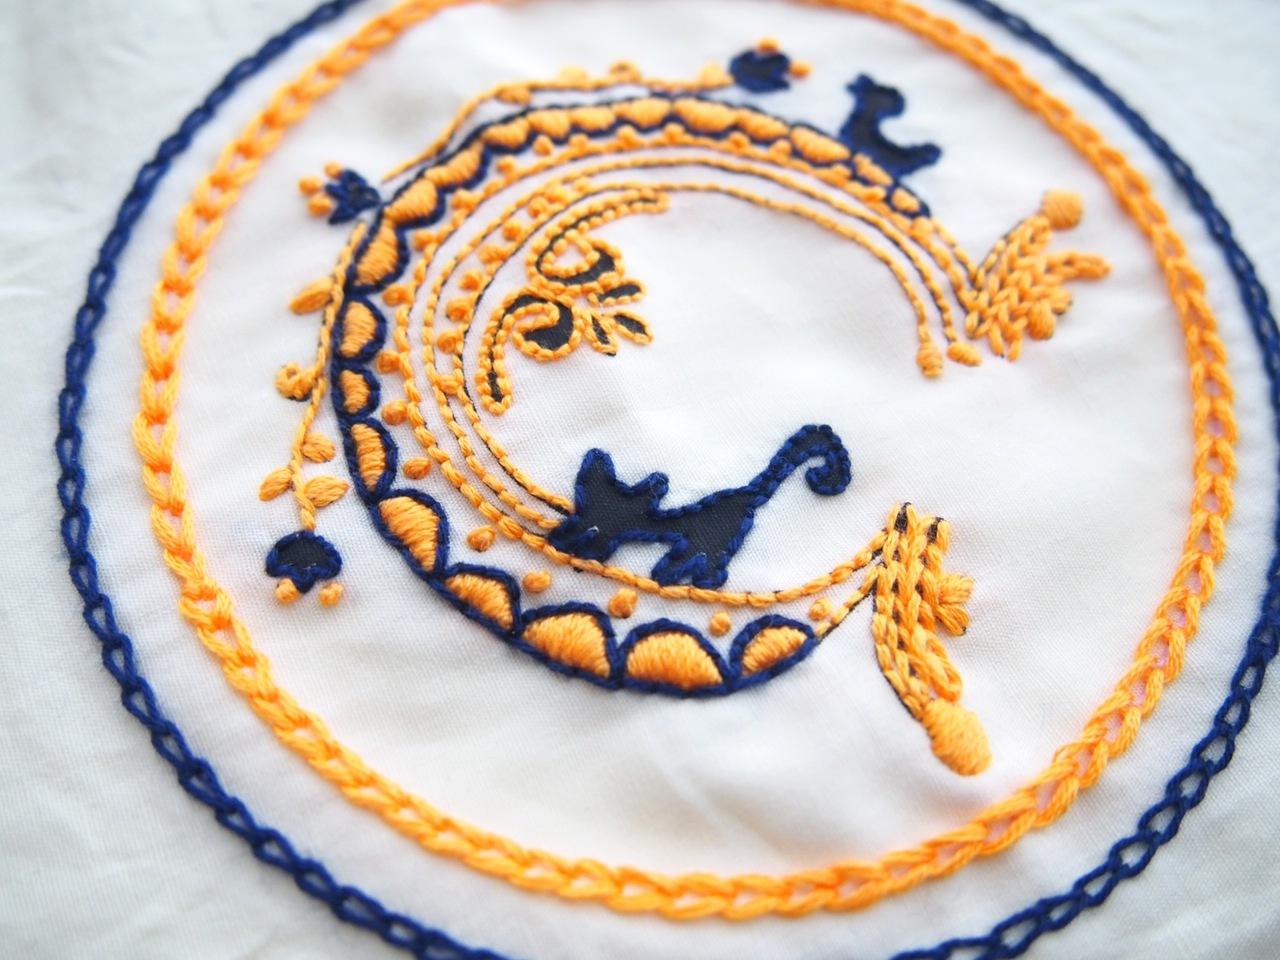 「刺繍CAFE」at EDiTORS 10/28(日)